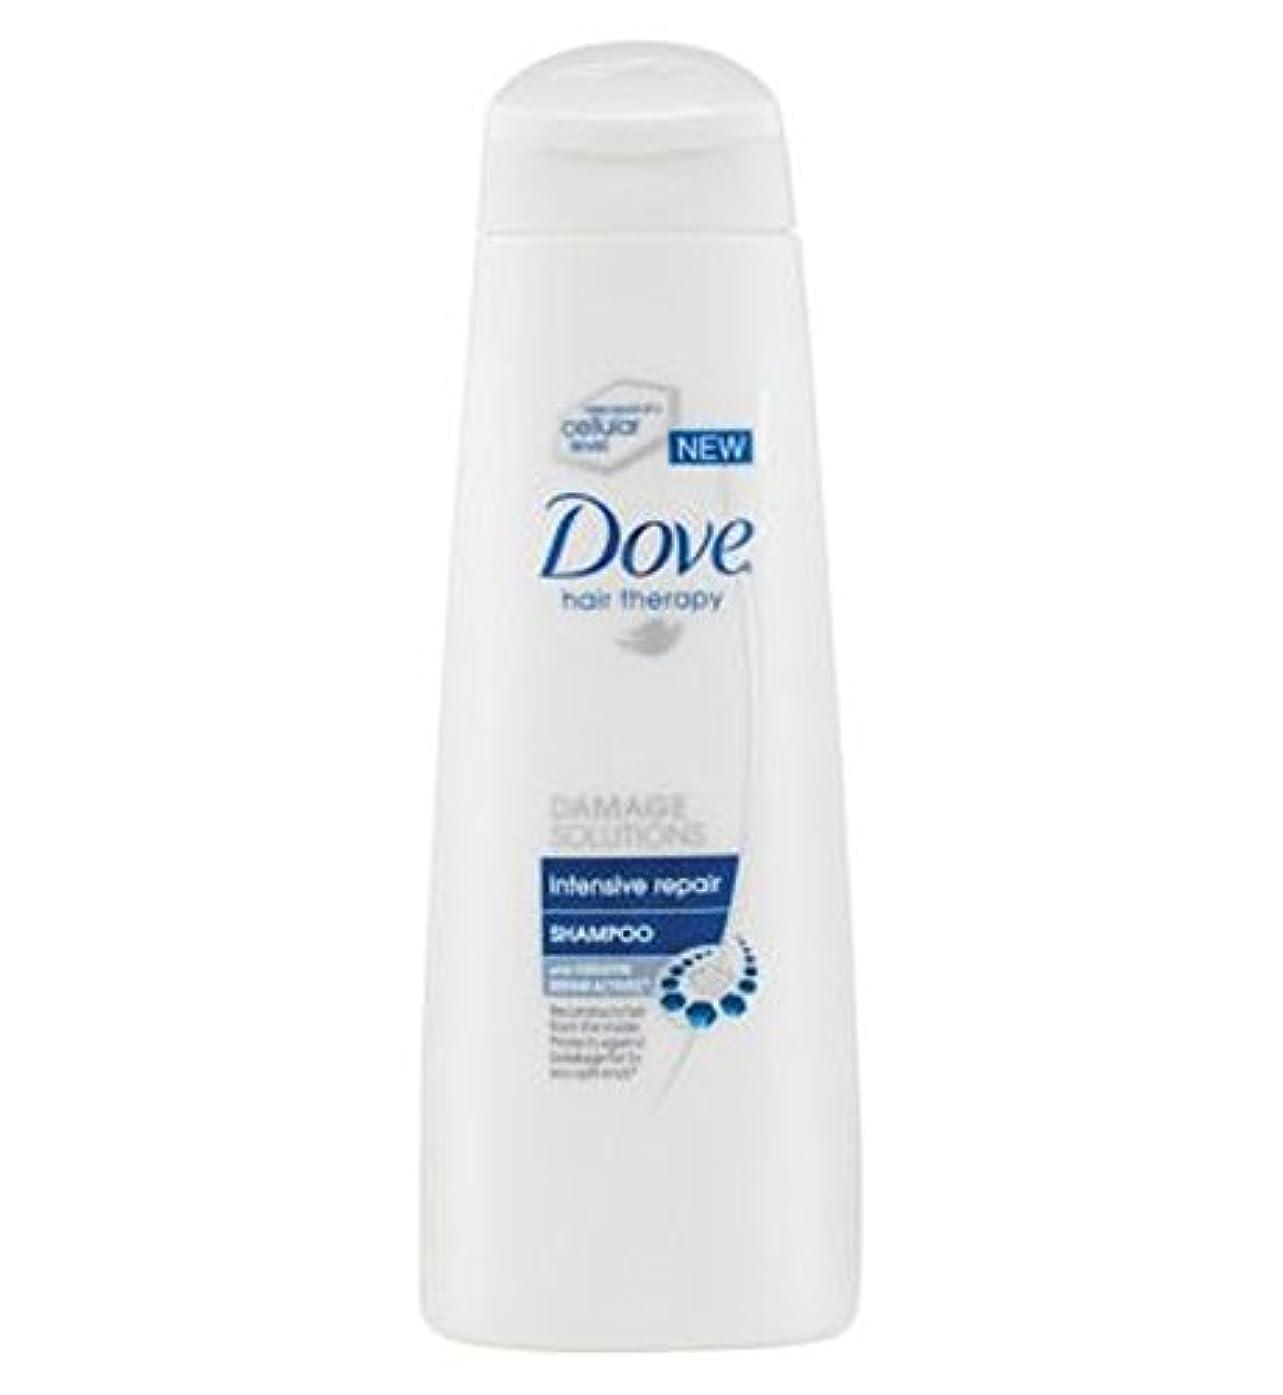 ドラフト嫌がらせ微妙Dove intensive repair shampoo 250ml - 鳩の集中リペアシャンプー250Ml (Dove) [並行輸入品]